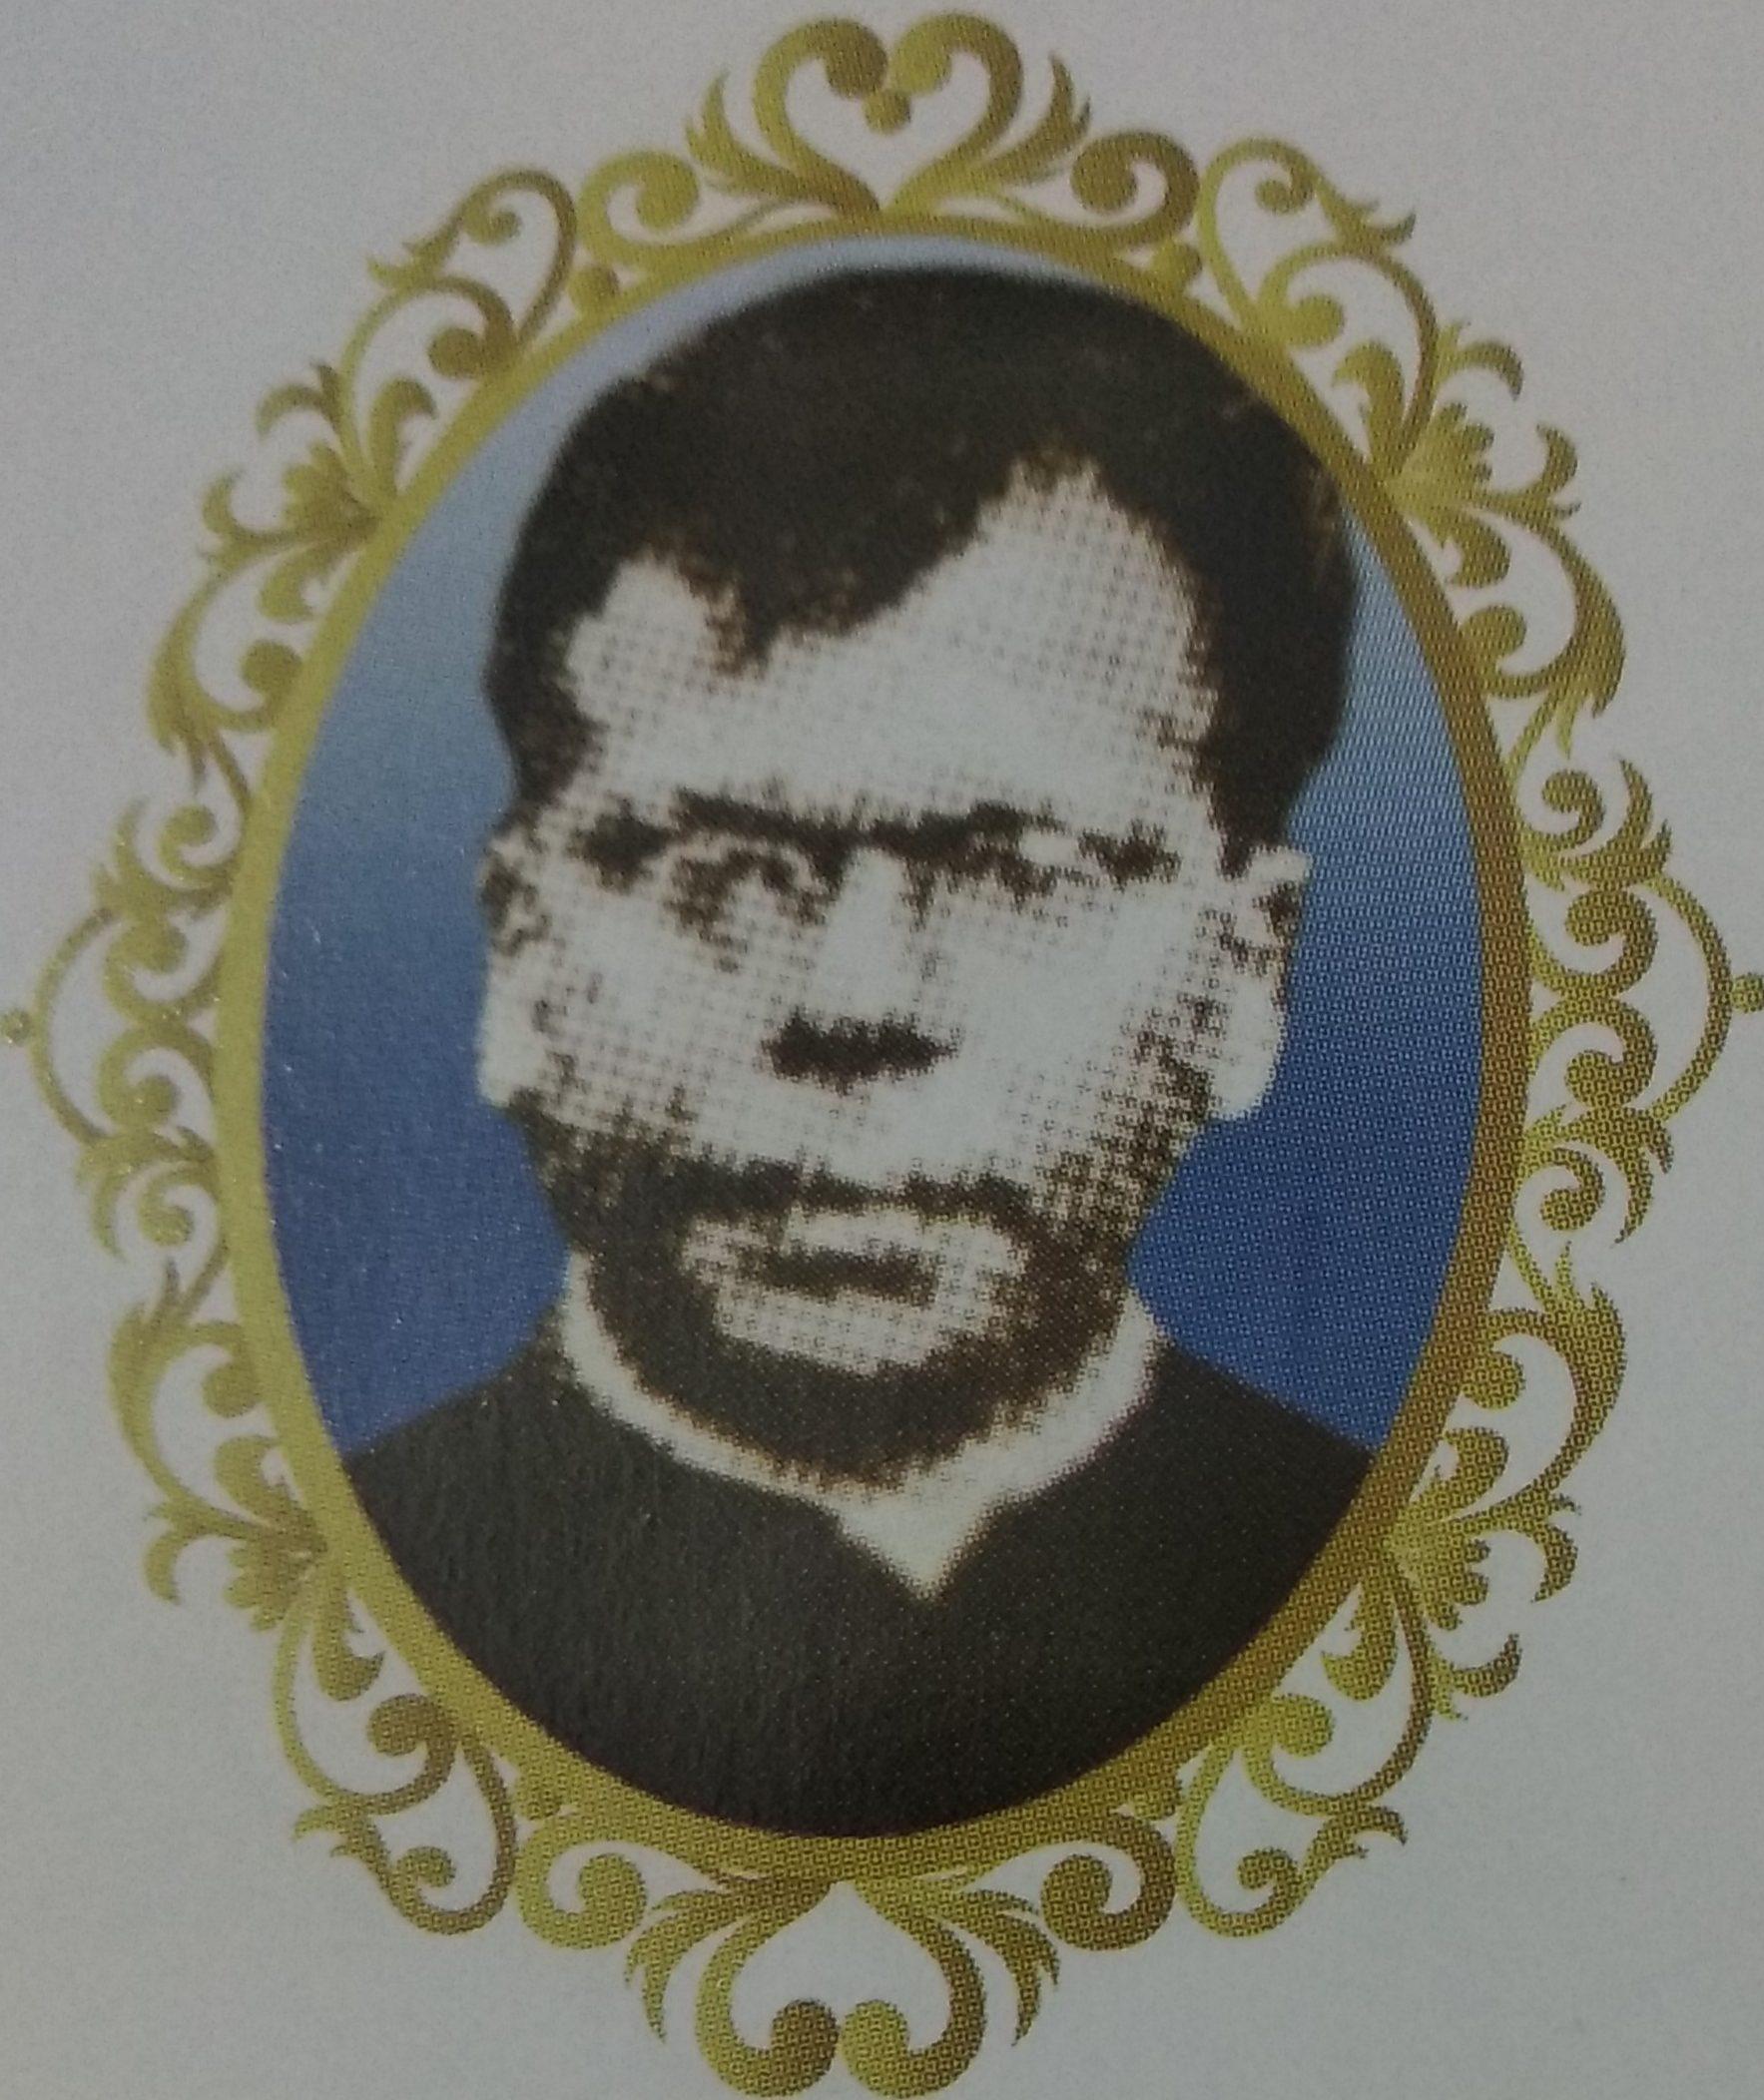 Fr. George Krisingal